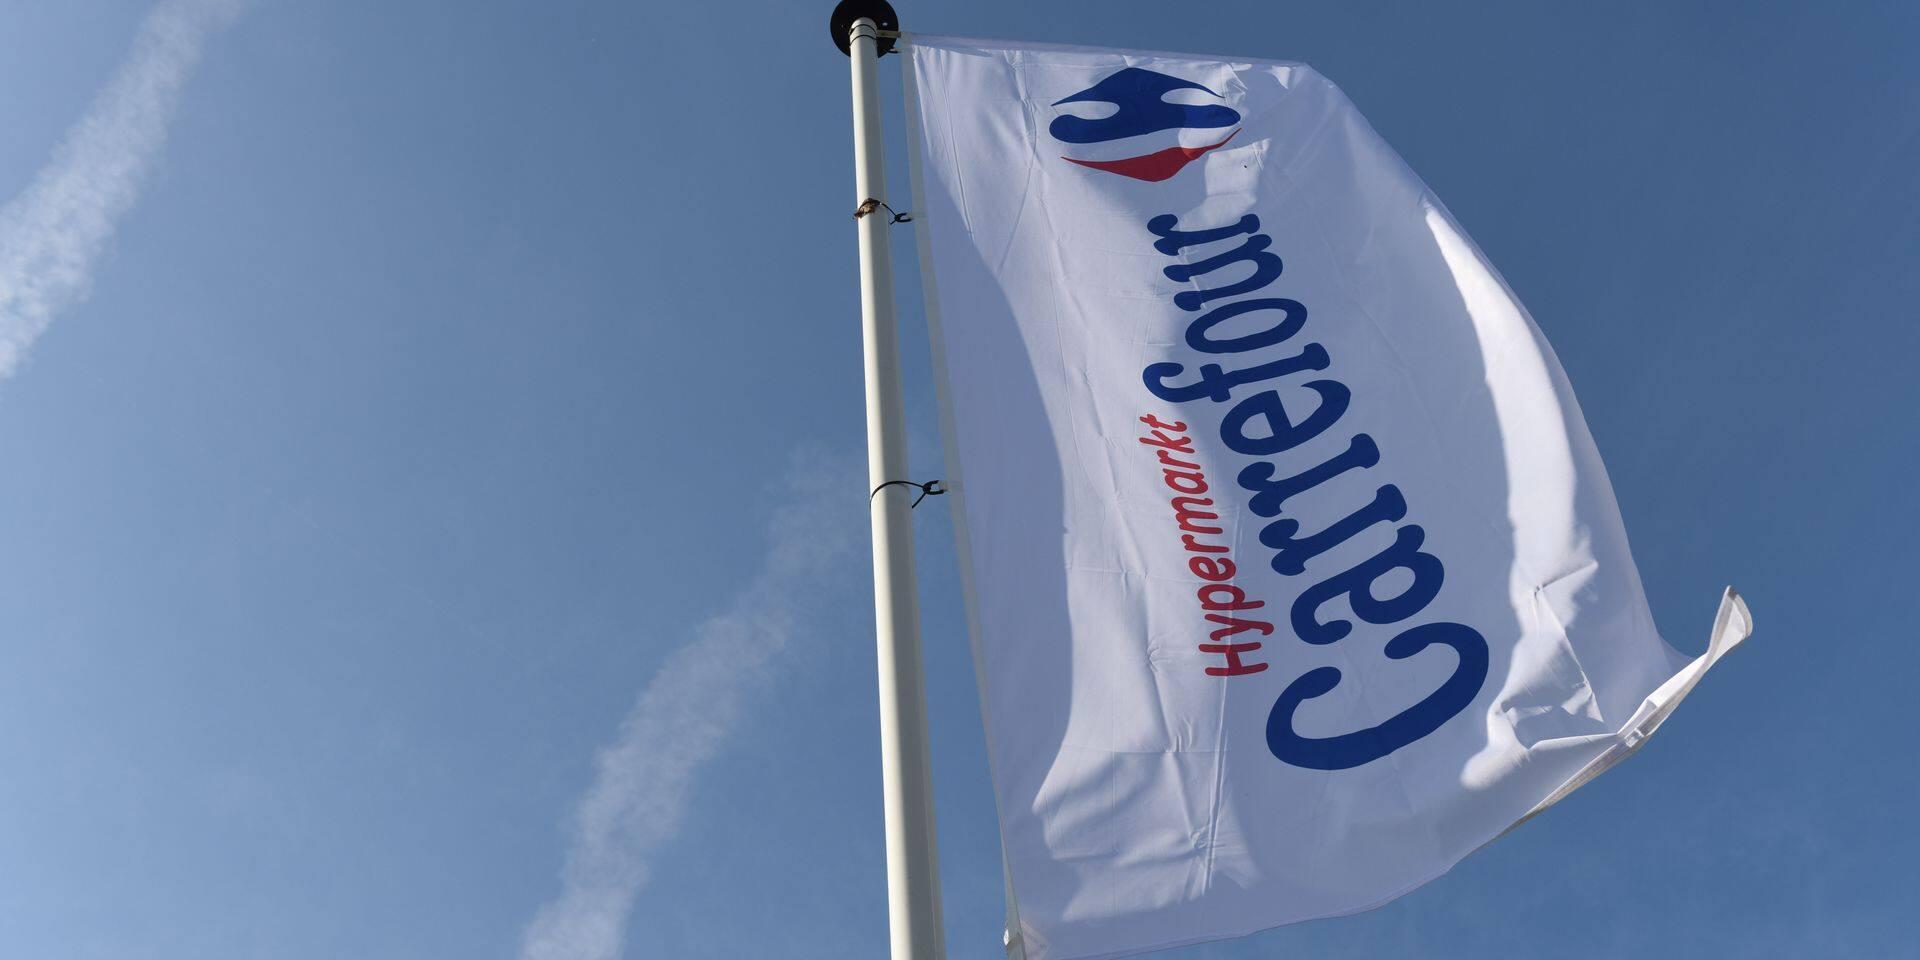 La direction de Carrefour refuse de s'engager à renoncer aux licenciements secs